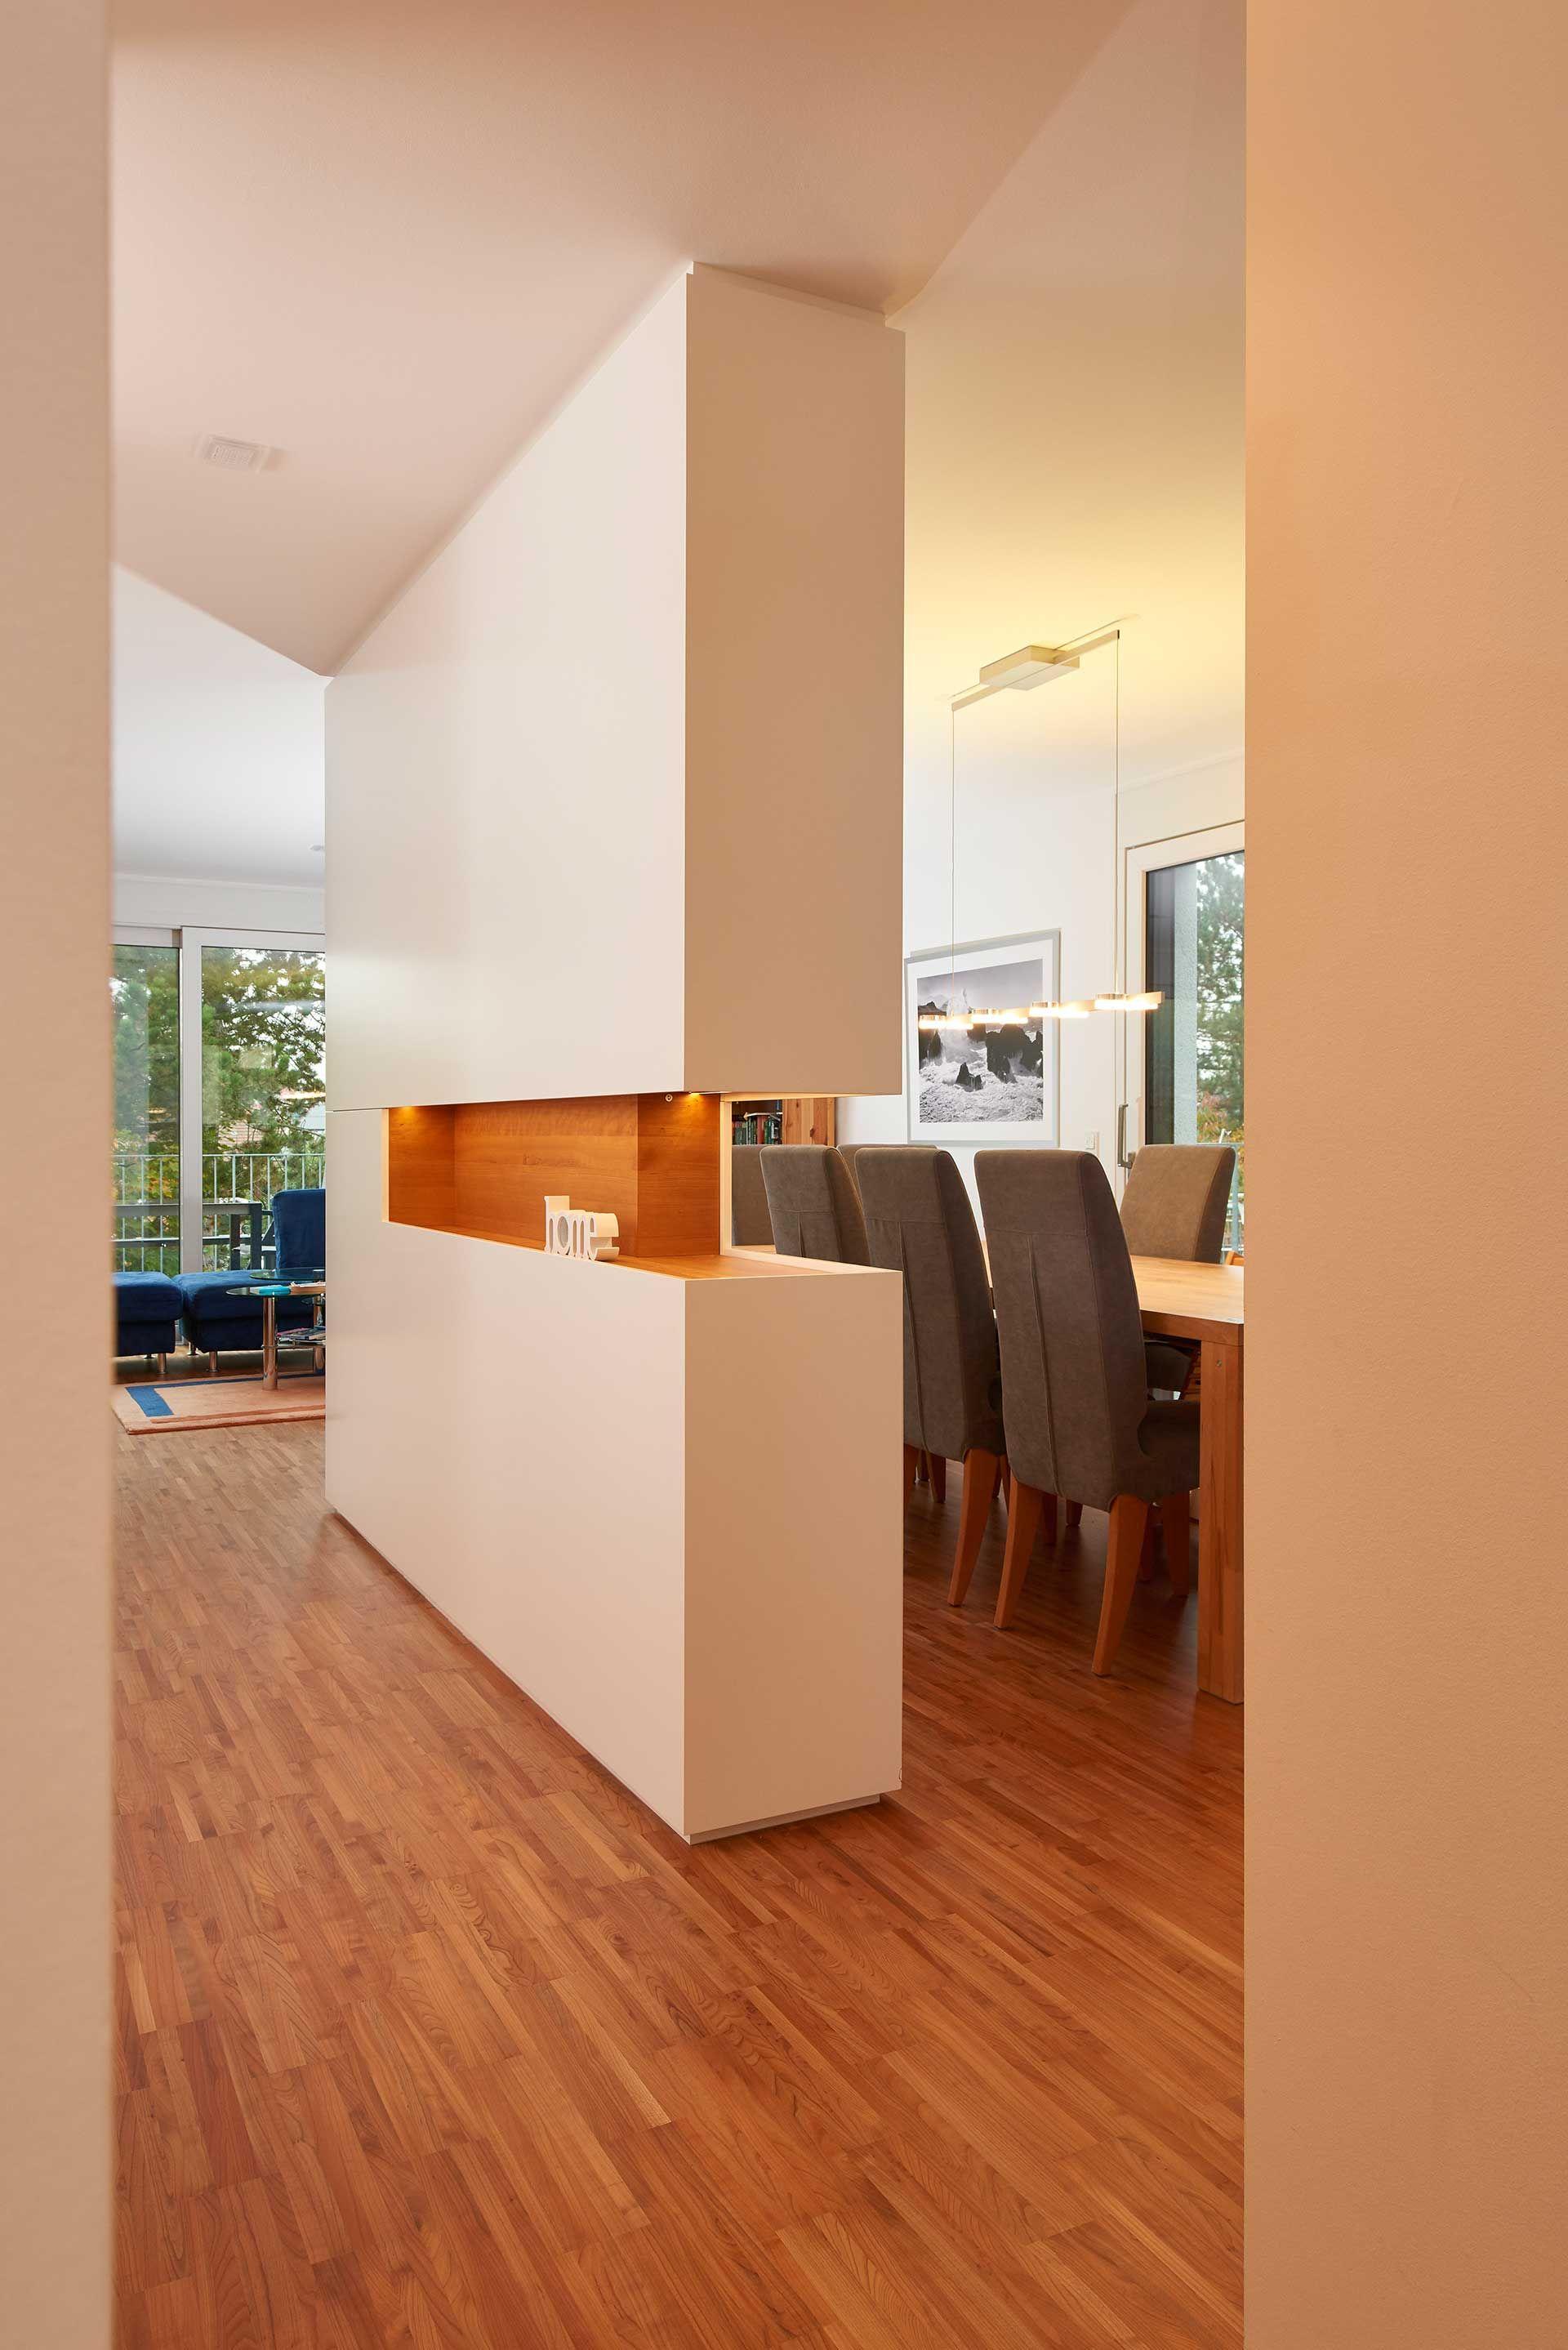 Dieser raumhohe Wohnzimmerschrank stellt einen Raumteiler zur